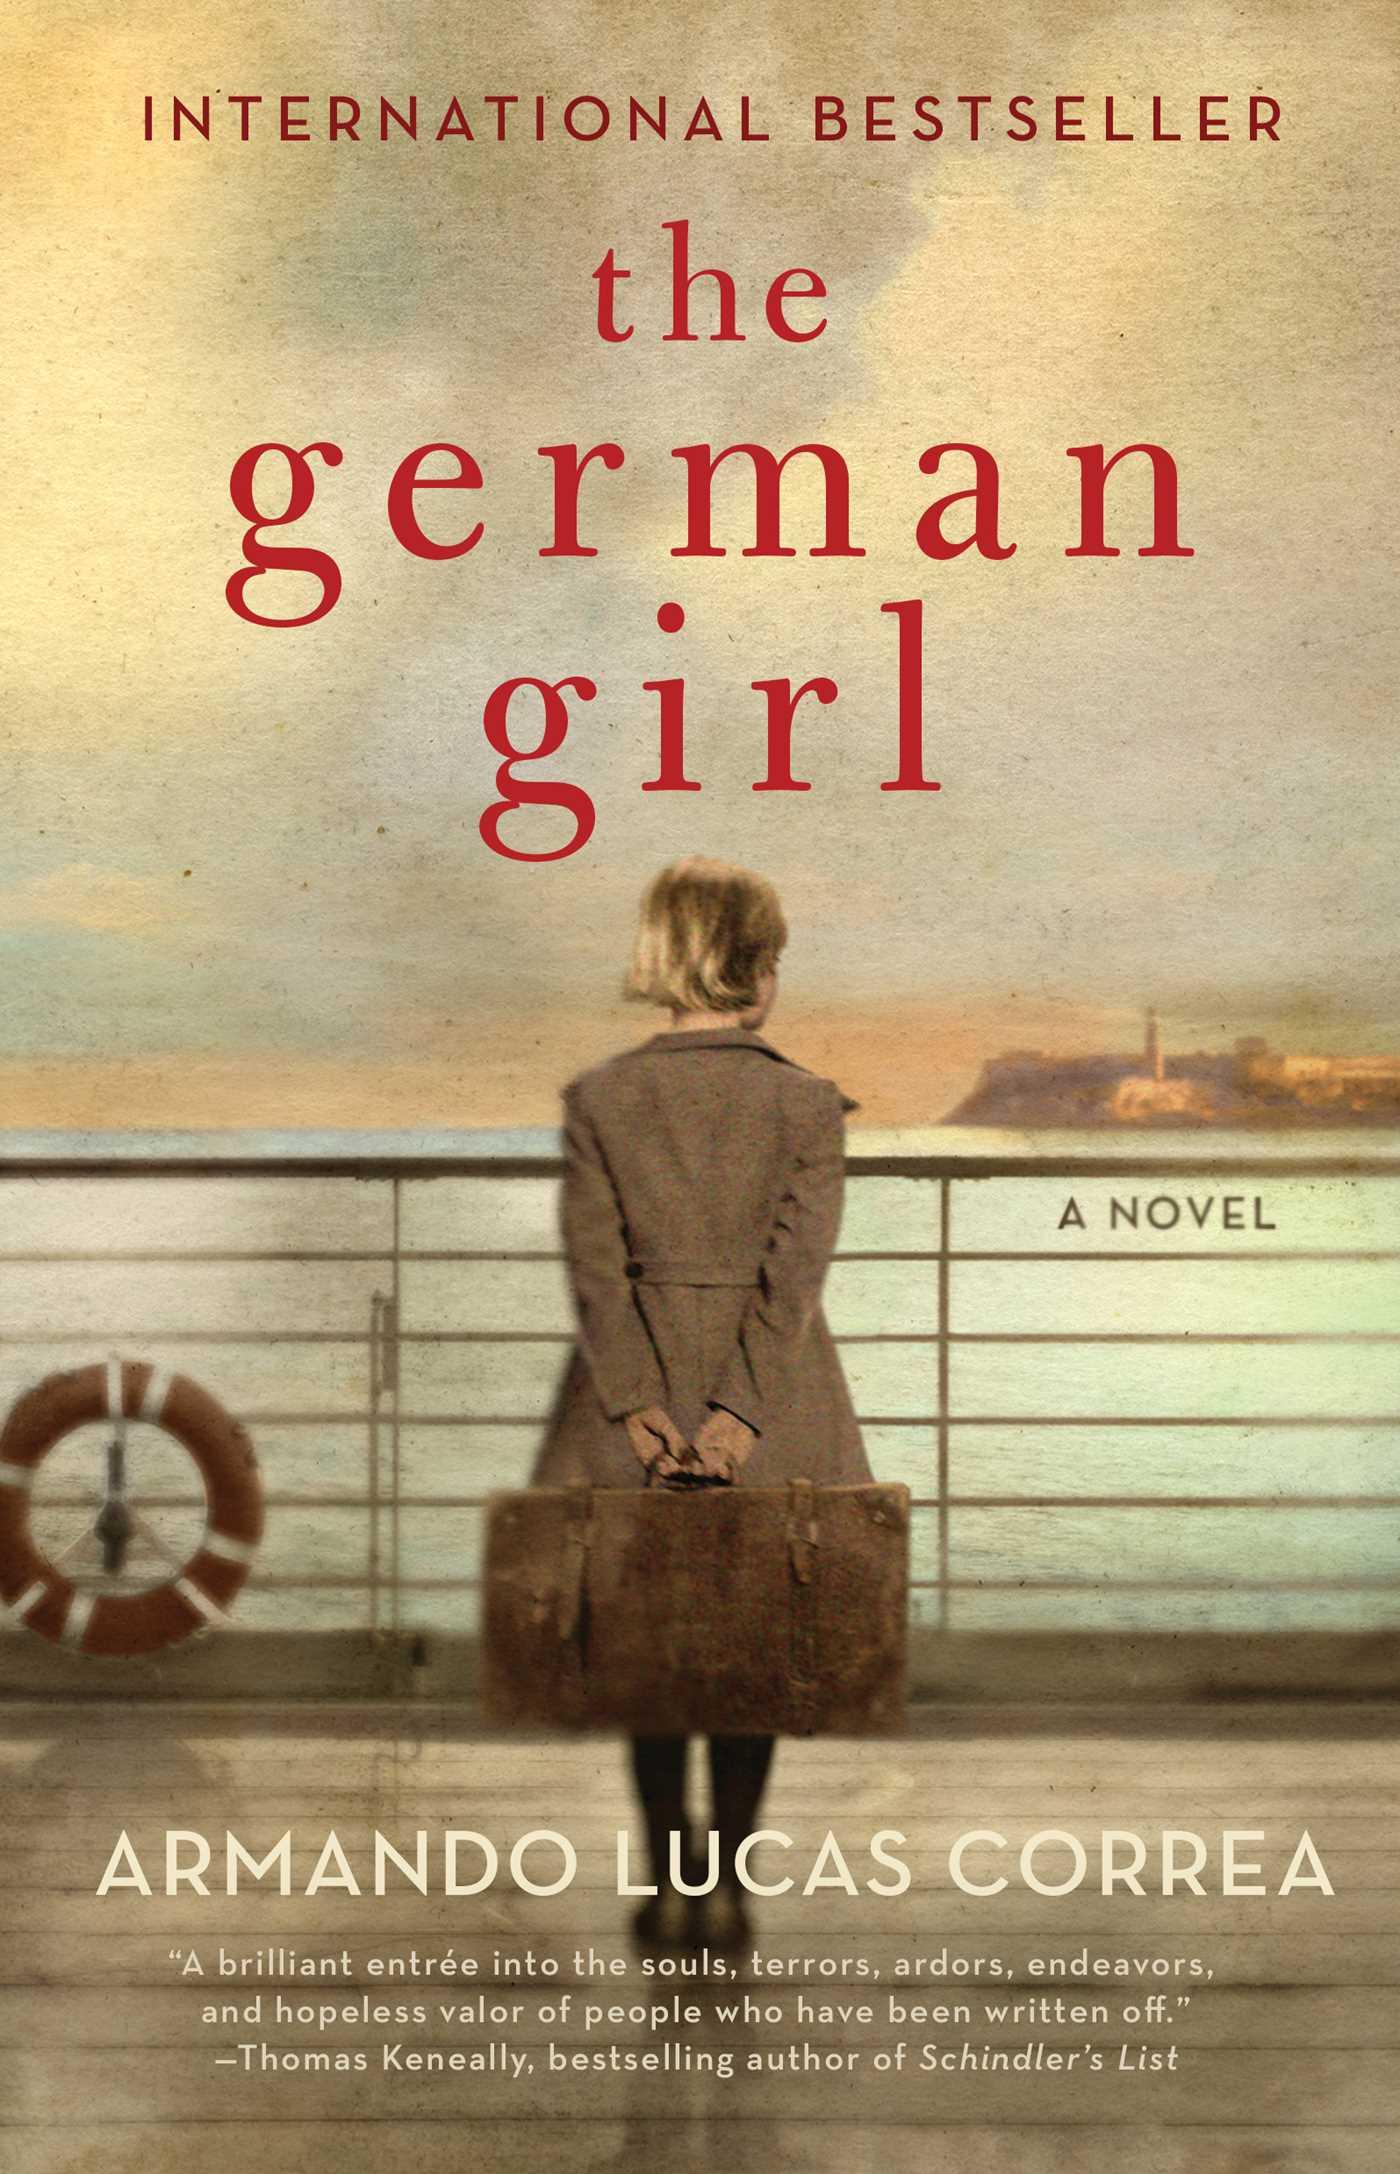 The german girl 9781471170812 hr